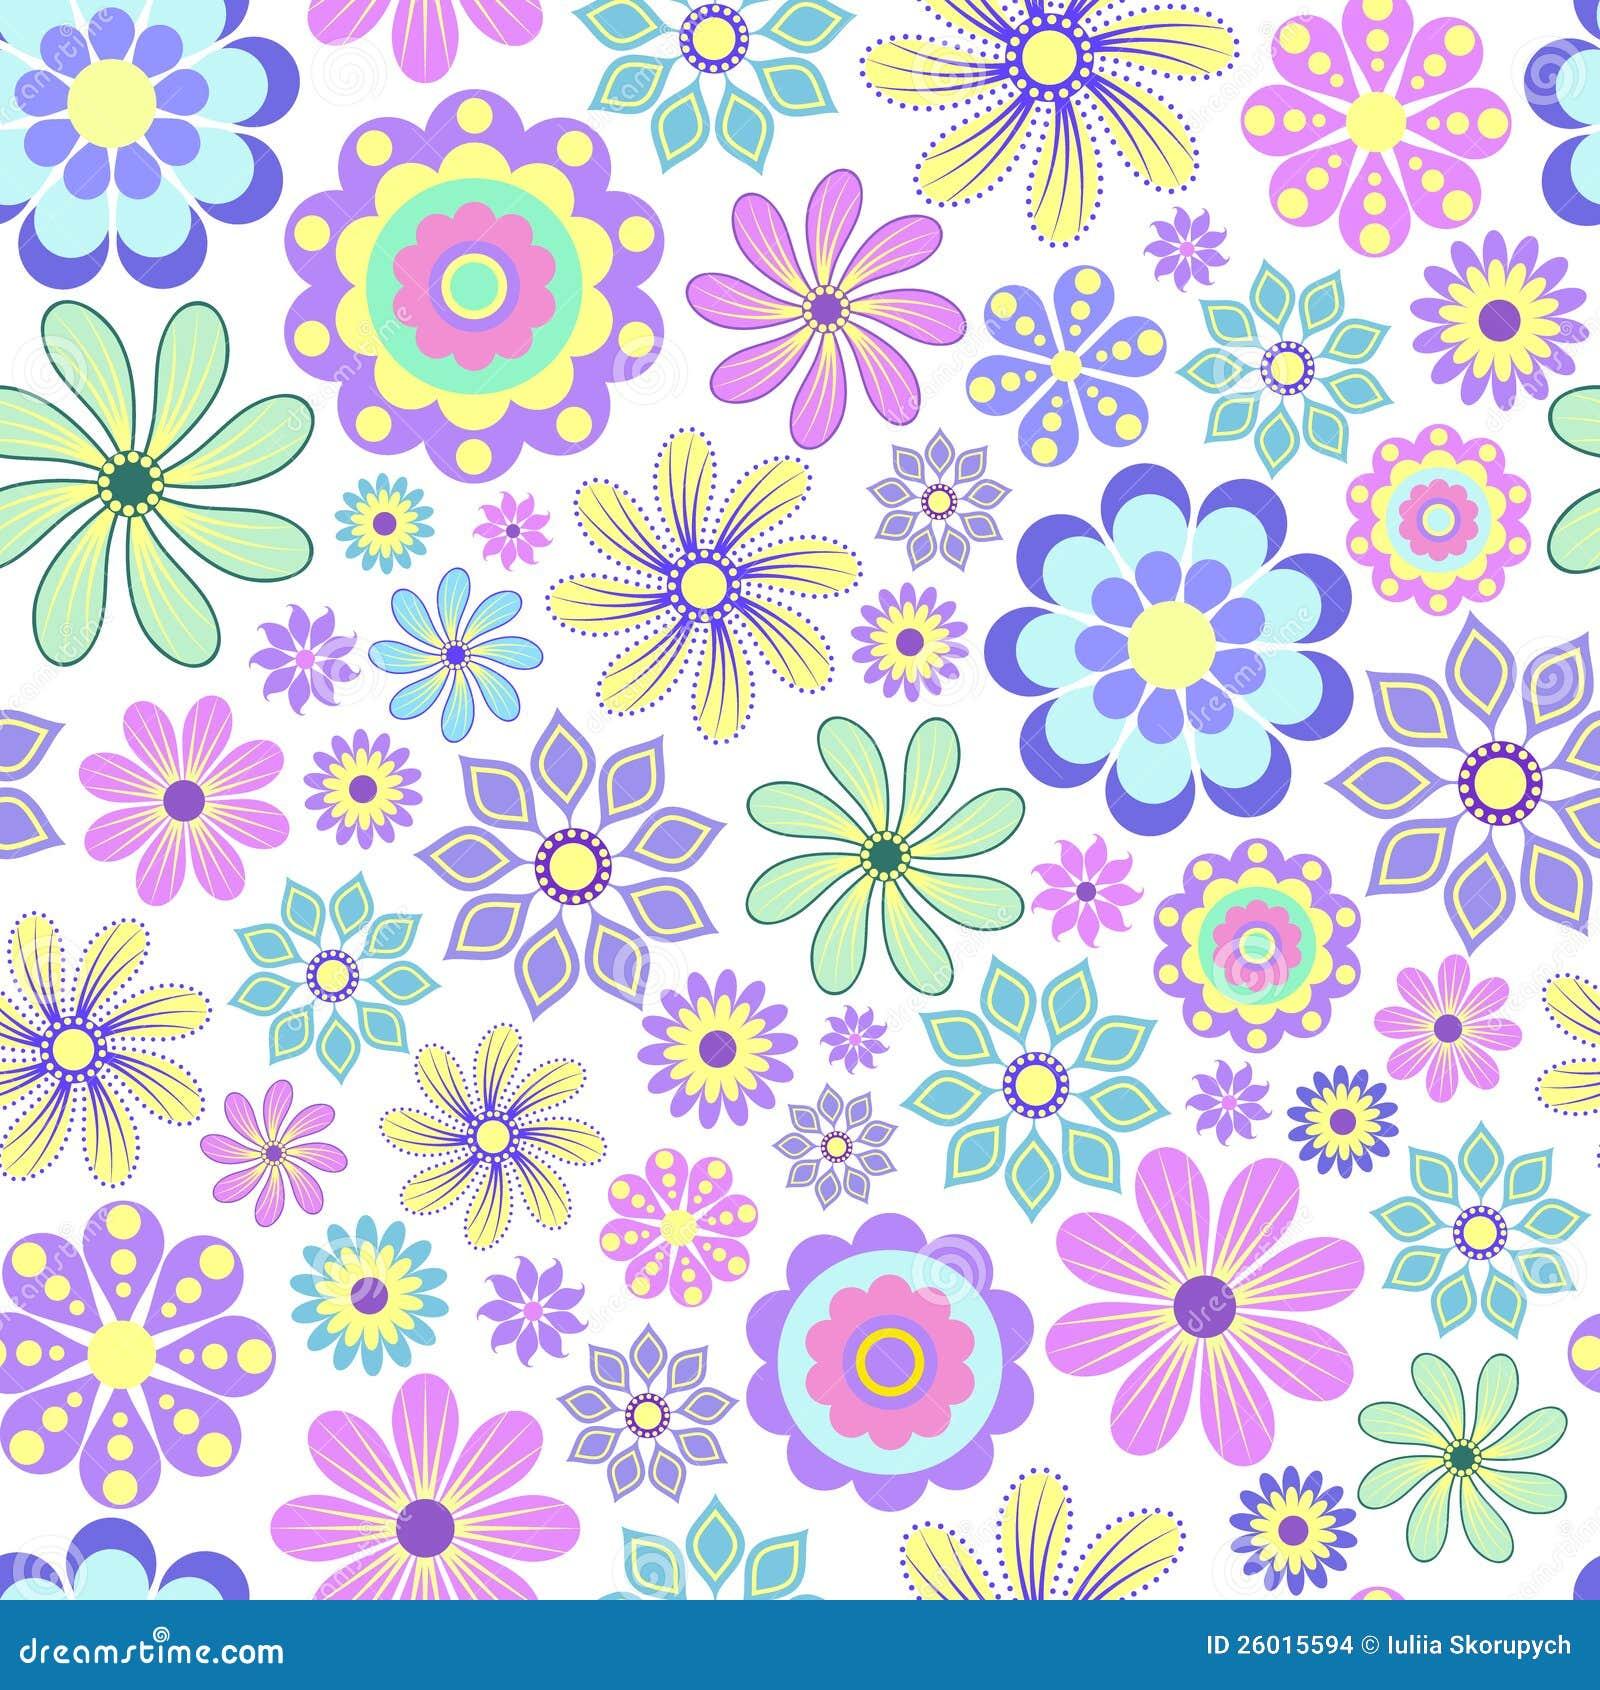 Pastel Flower On White Background. Stock Vector